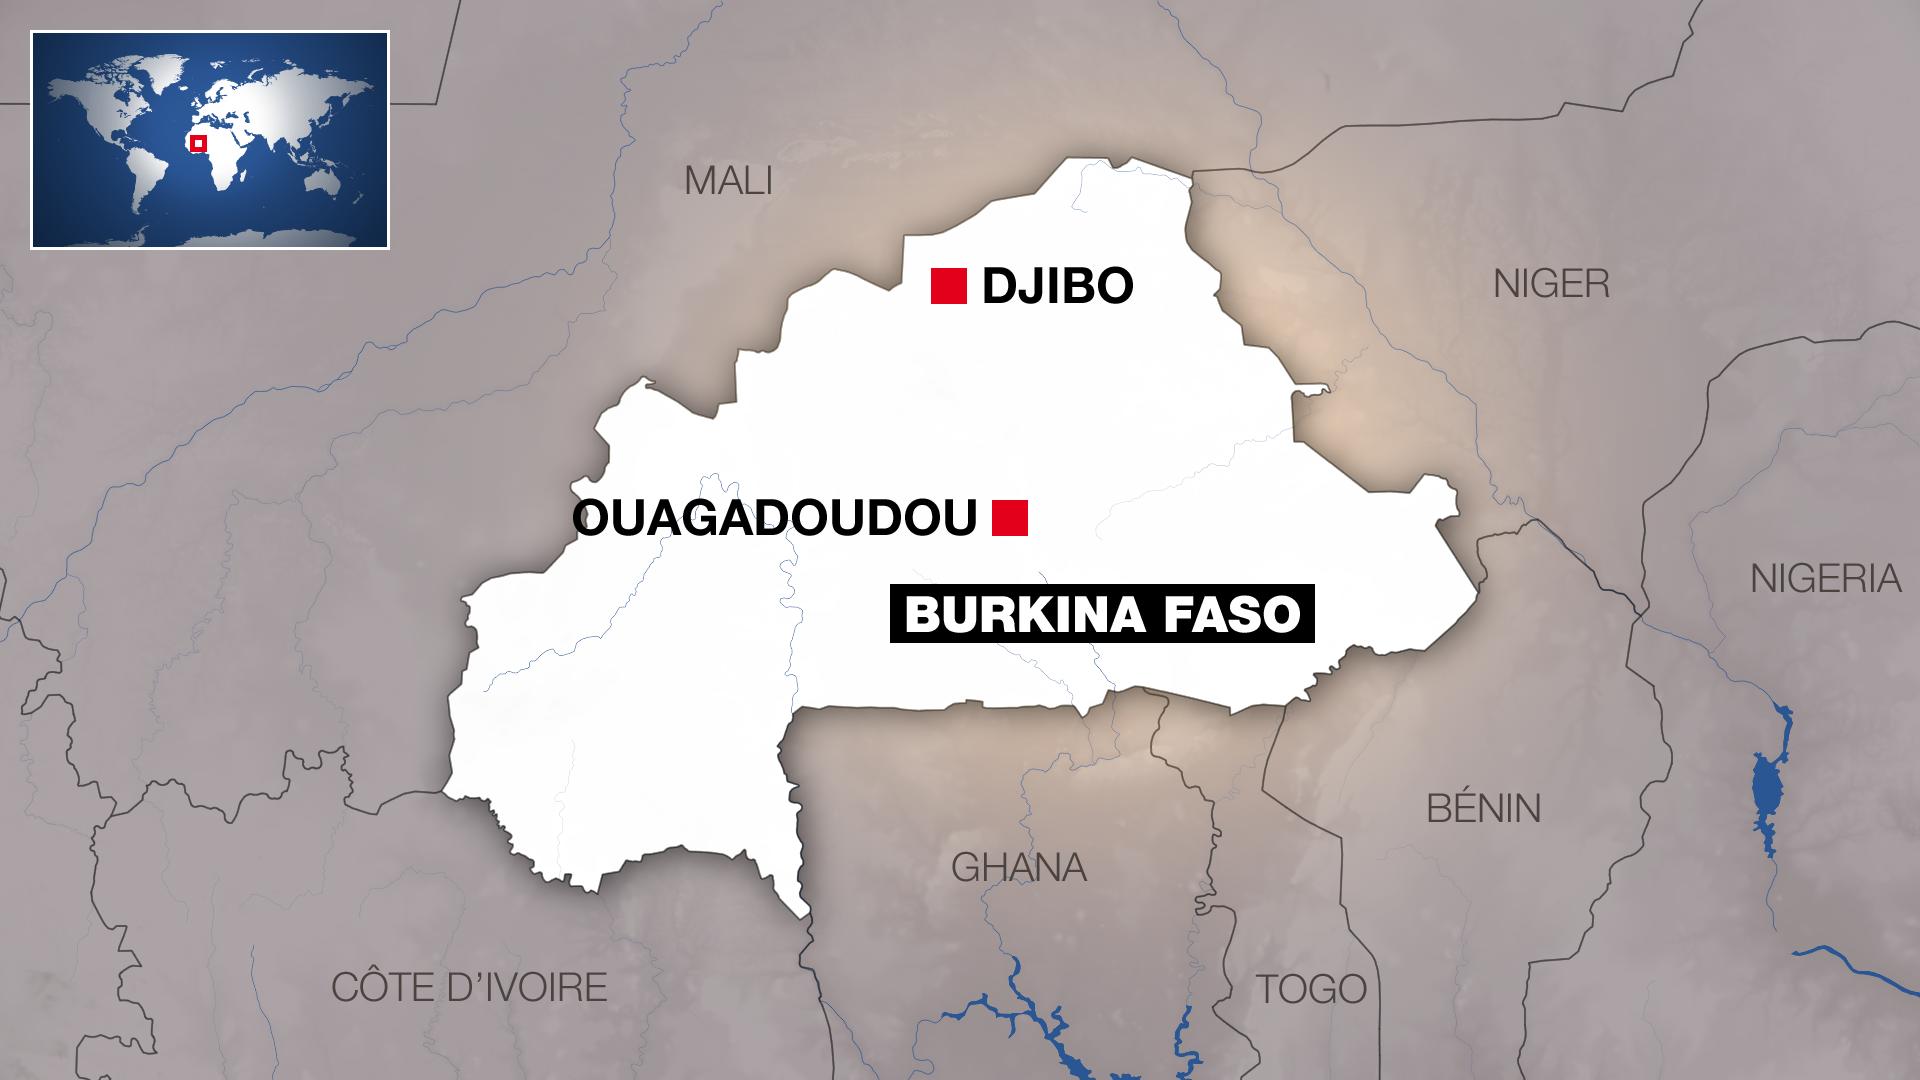 La ville de Djibo au Burkina Faso.